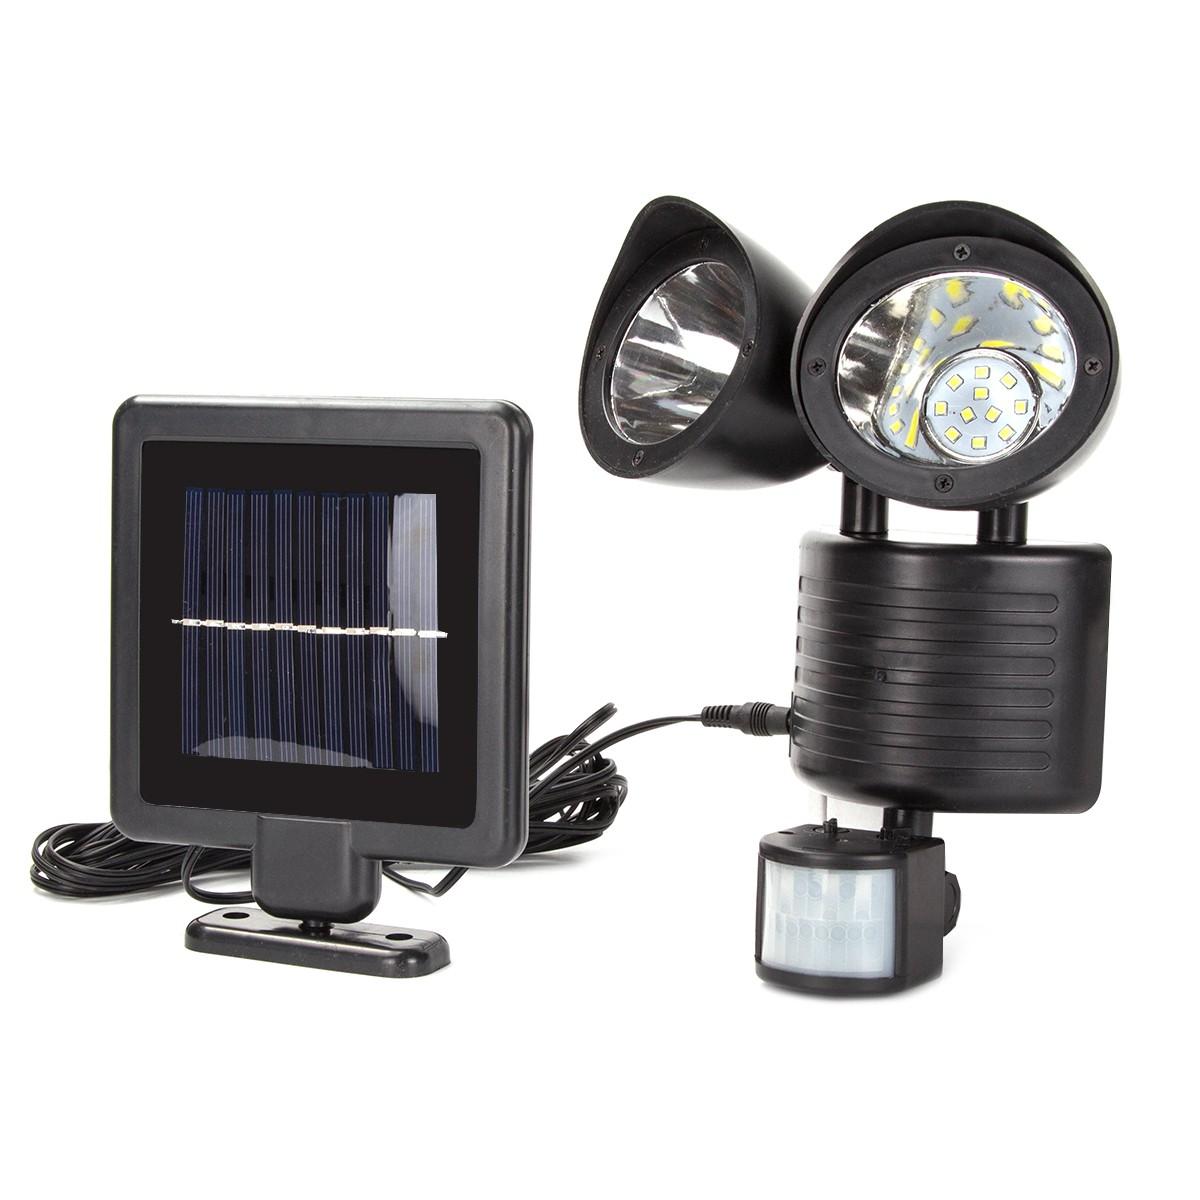 solarleuchten garten mit bewegungsmelder led solar aussenleuchten. Black Bedroom Furniture Sets. Home Design Ideas